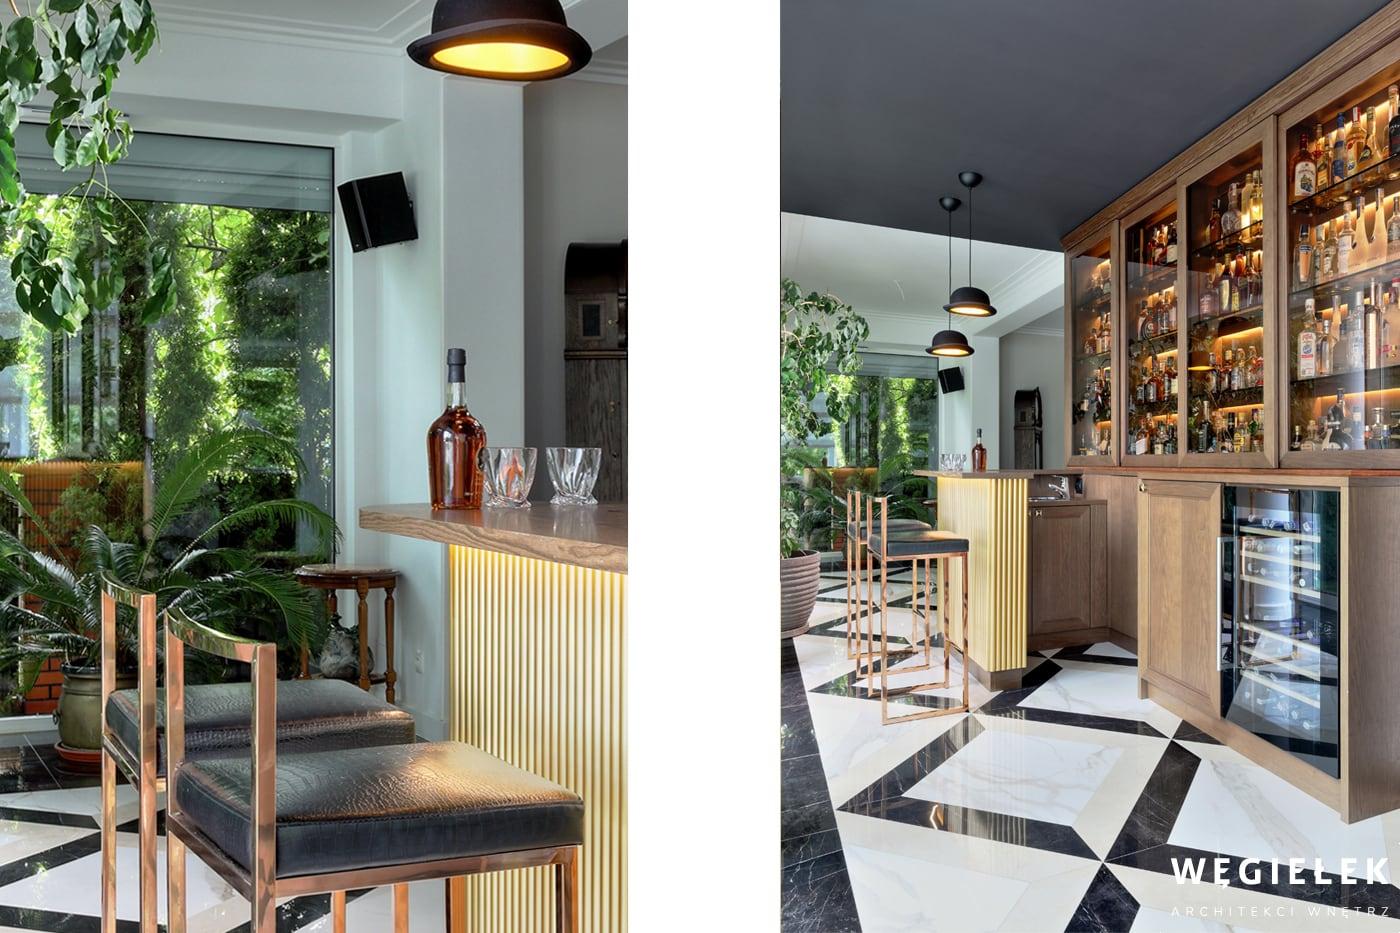 Barek to zaciszne miejsce, przygotowane przez projektanta domów z Warszawy. Jest podświetlony, znajdują się w nim miejsca siedzące i ma widok na zimowy ogród.